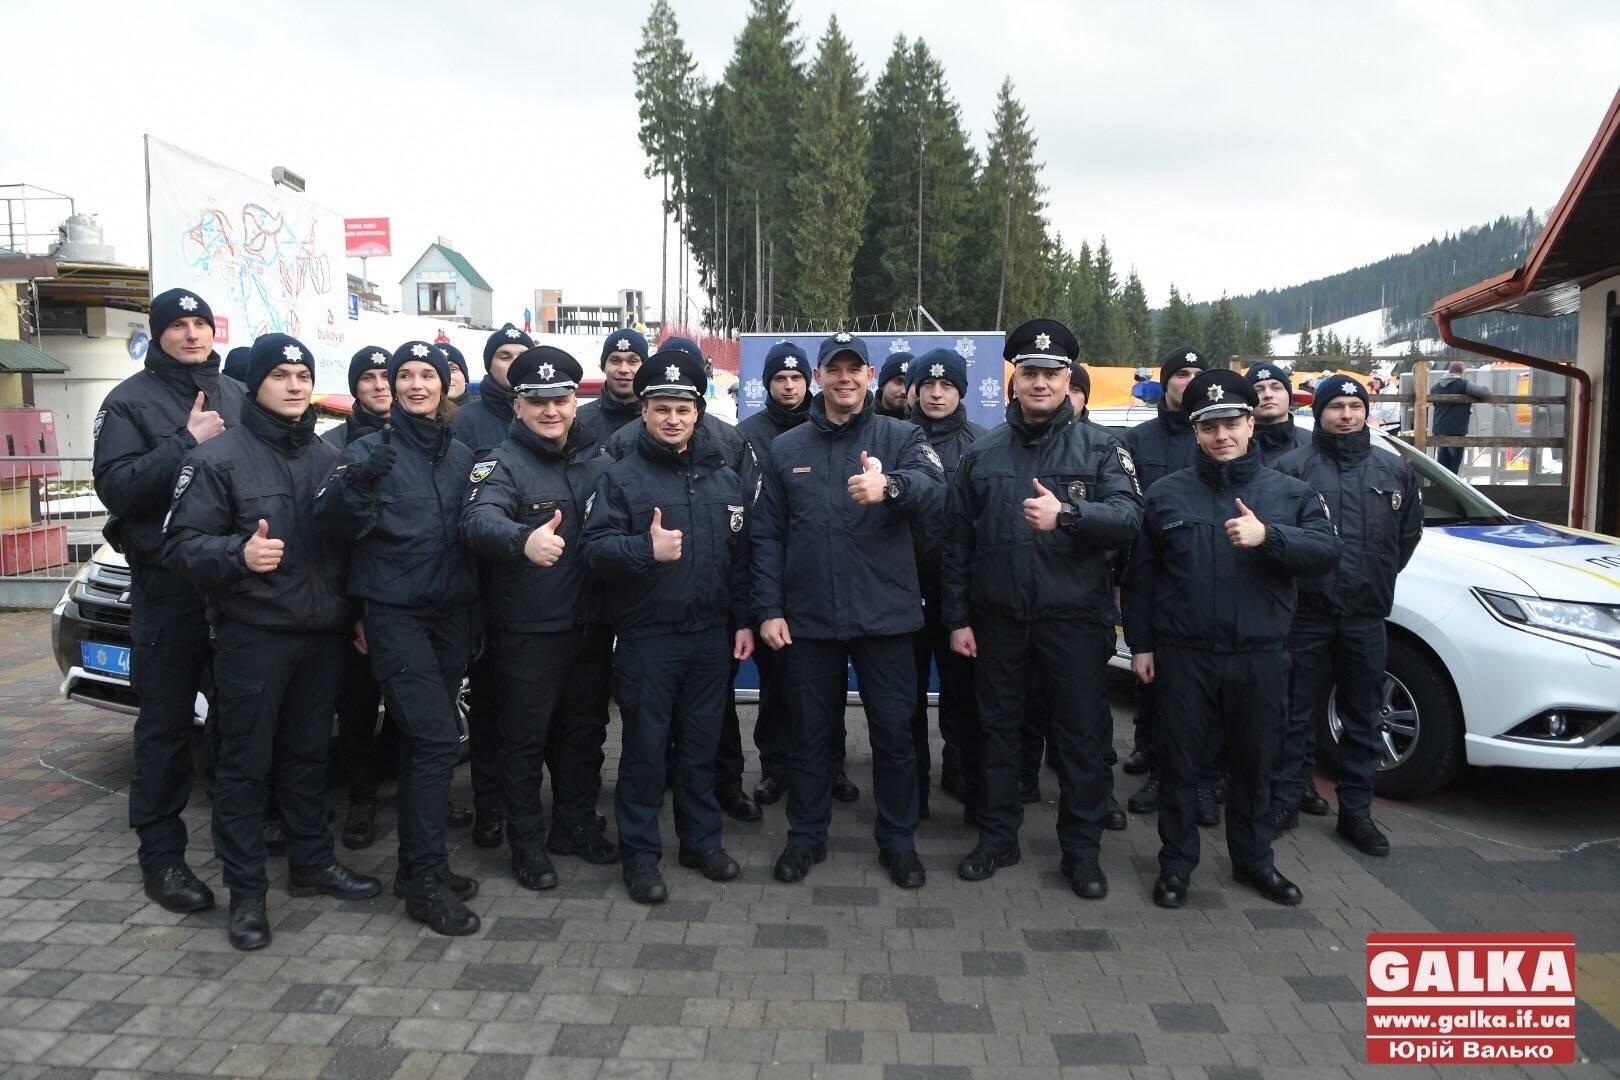 Працюватимуть цілодобово: на Буковелі відкрили станцію патрульної поліції (ФОТО)